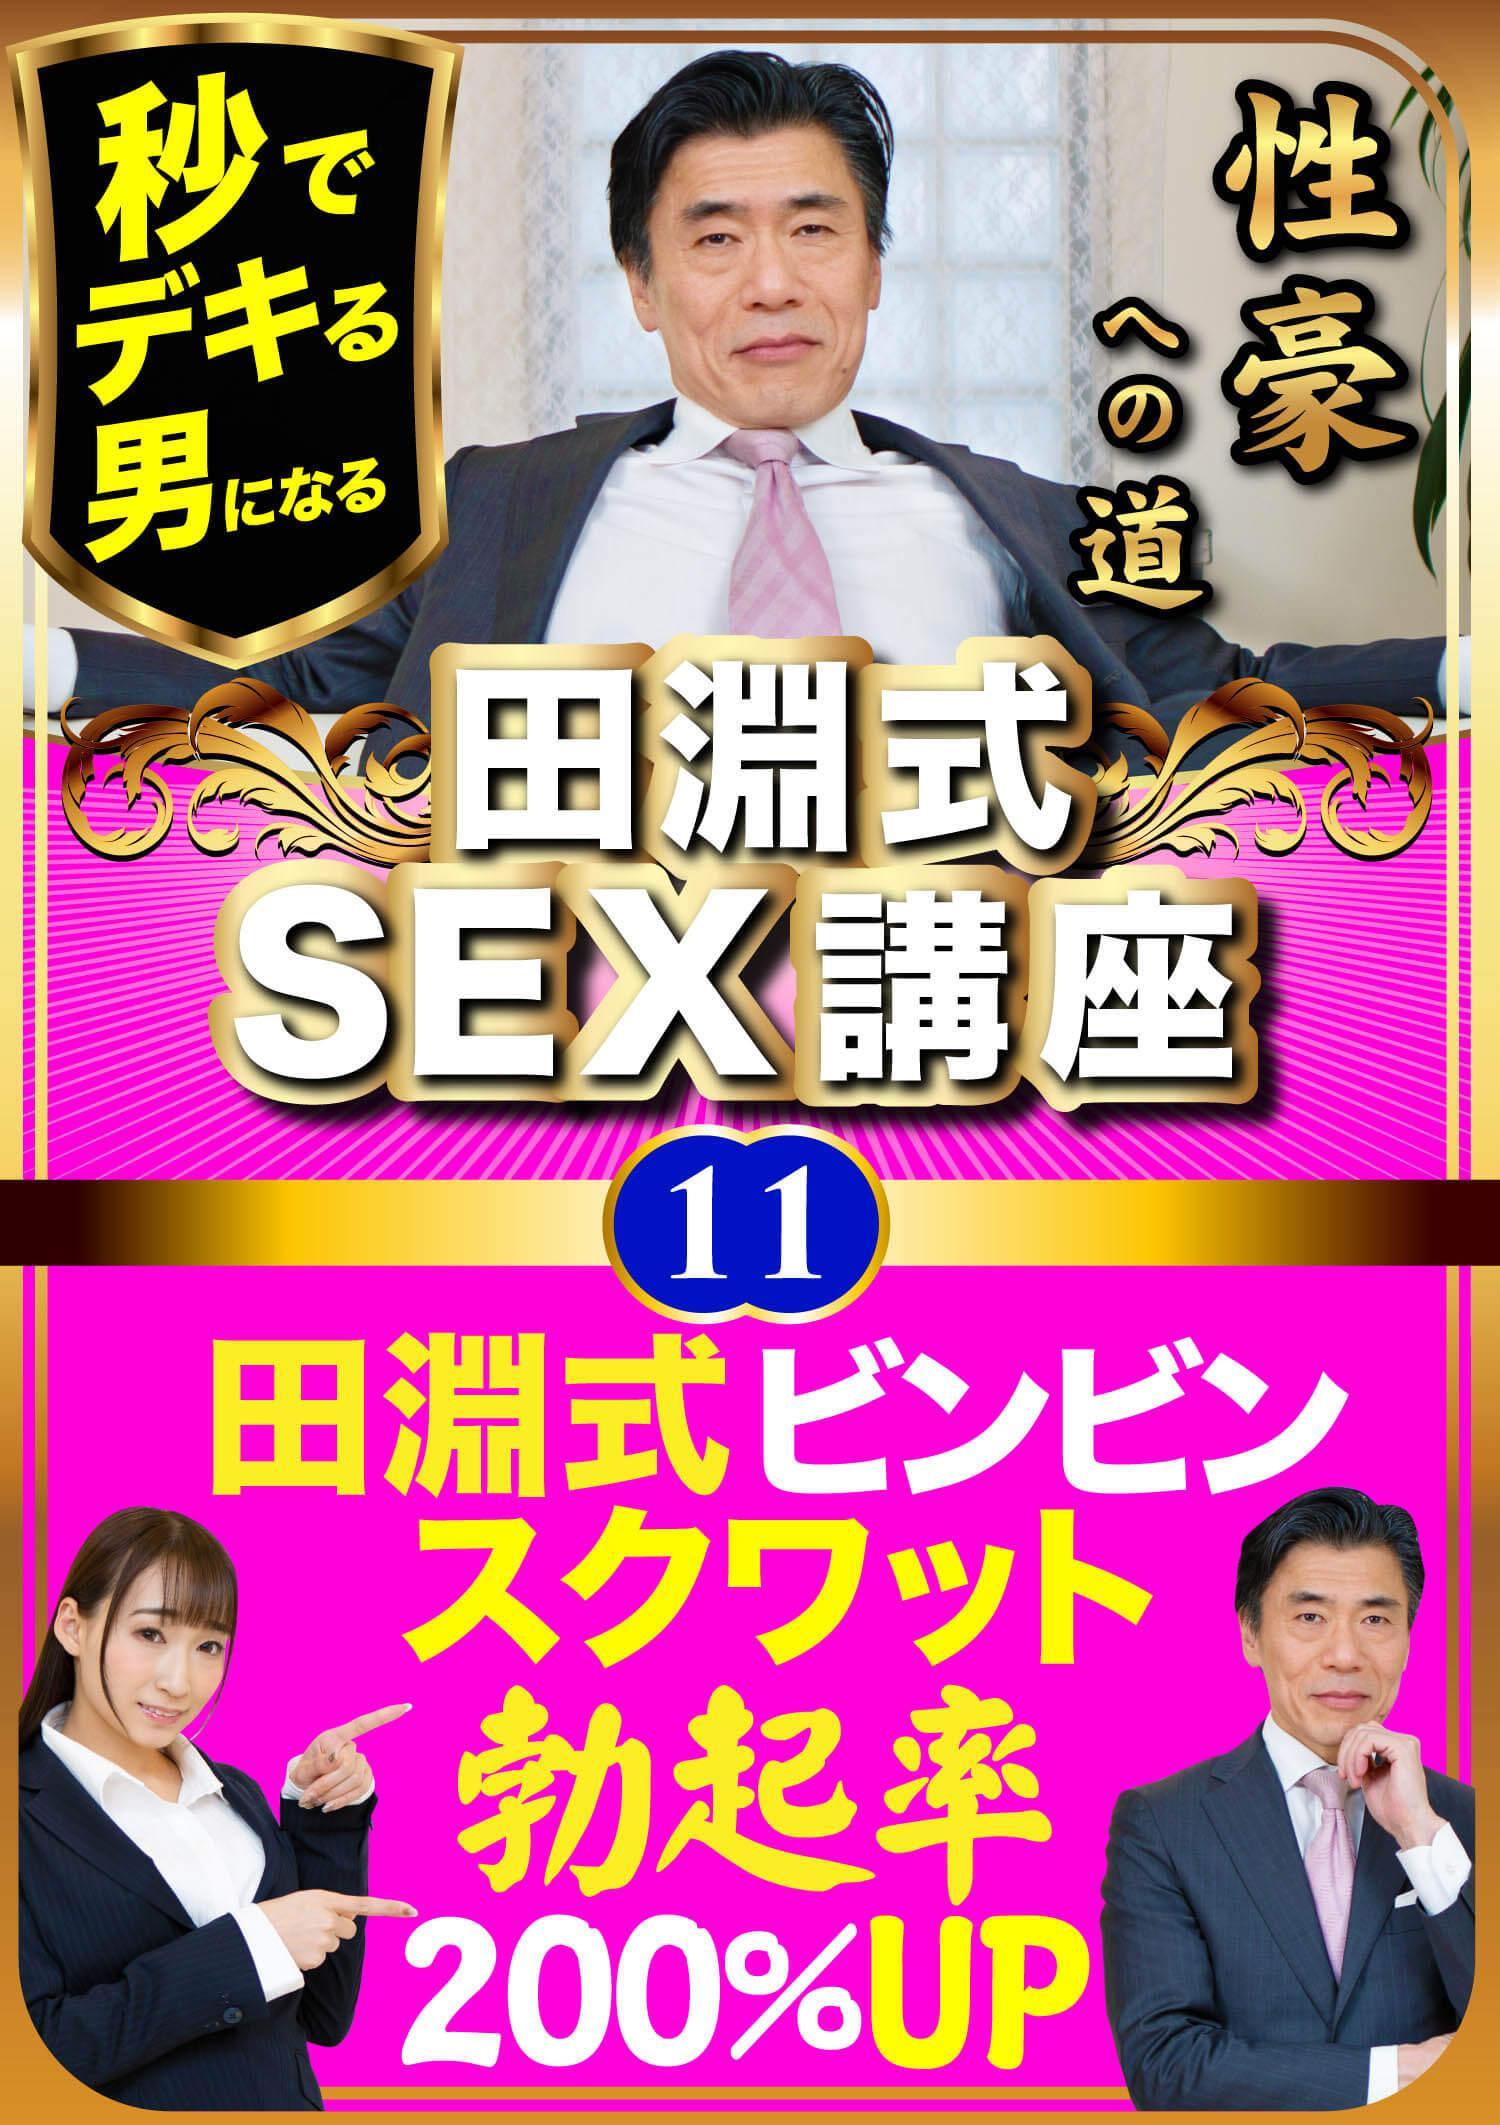 田淵式SEX講座11 田淵式ビンビンスクワット